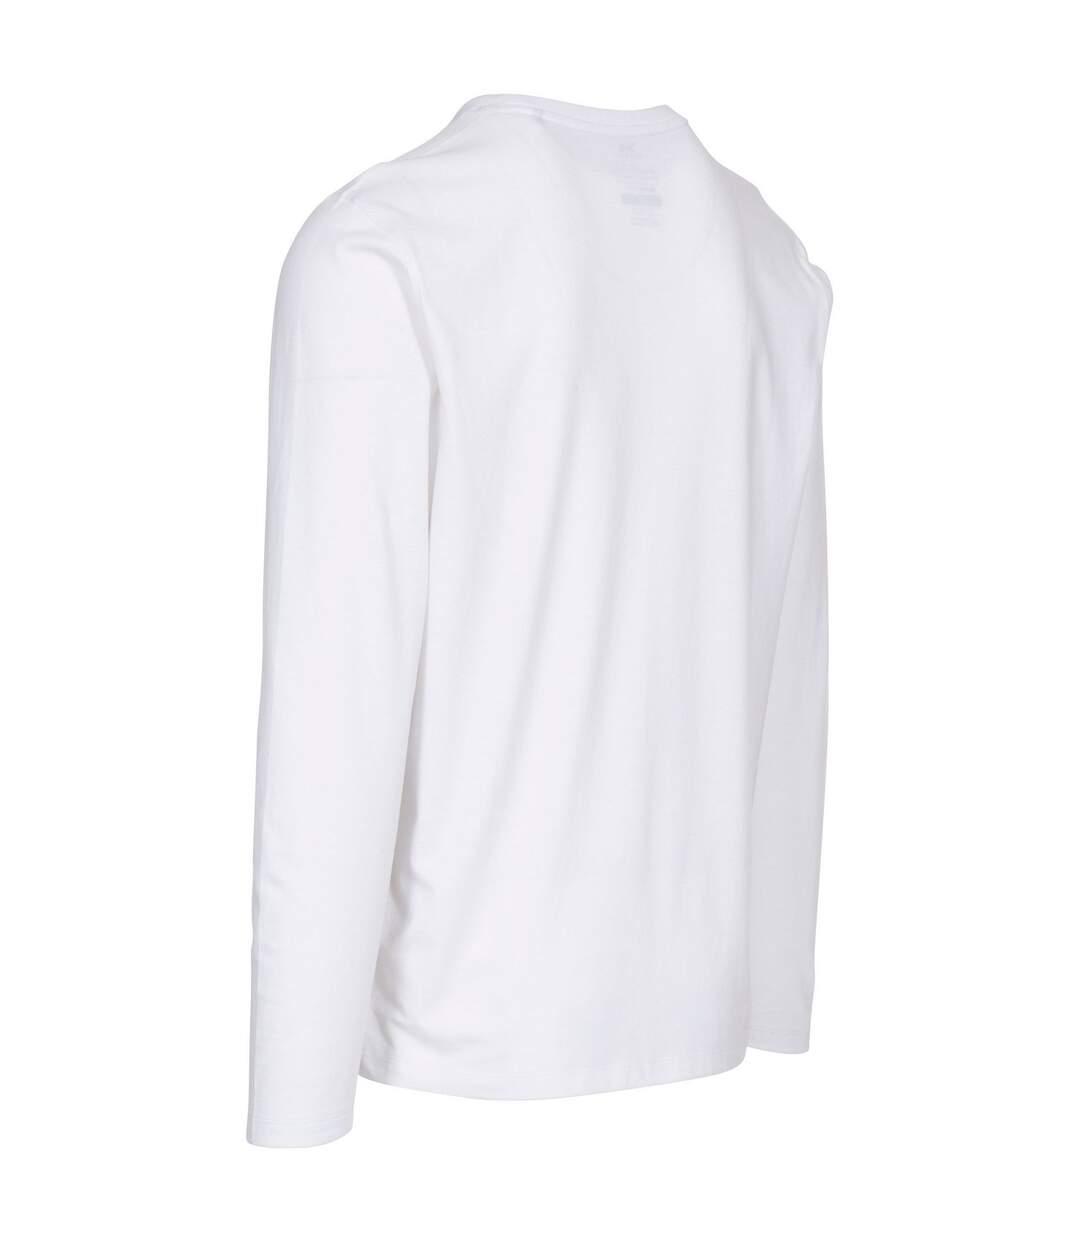 Trespass Mens Wrenburyton Long-Sleeved T-Shirt (White) - UTTP5243